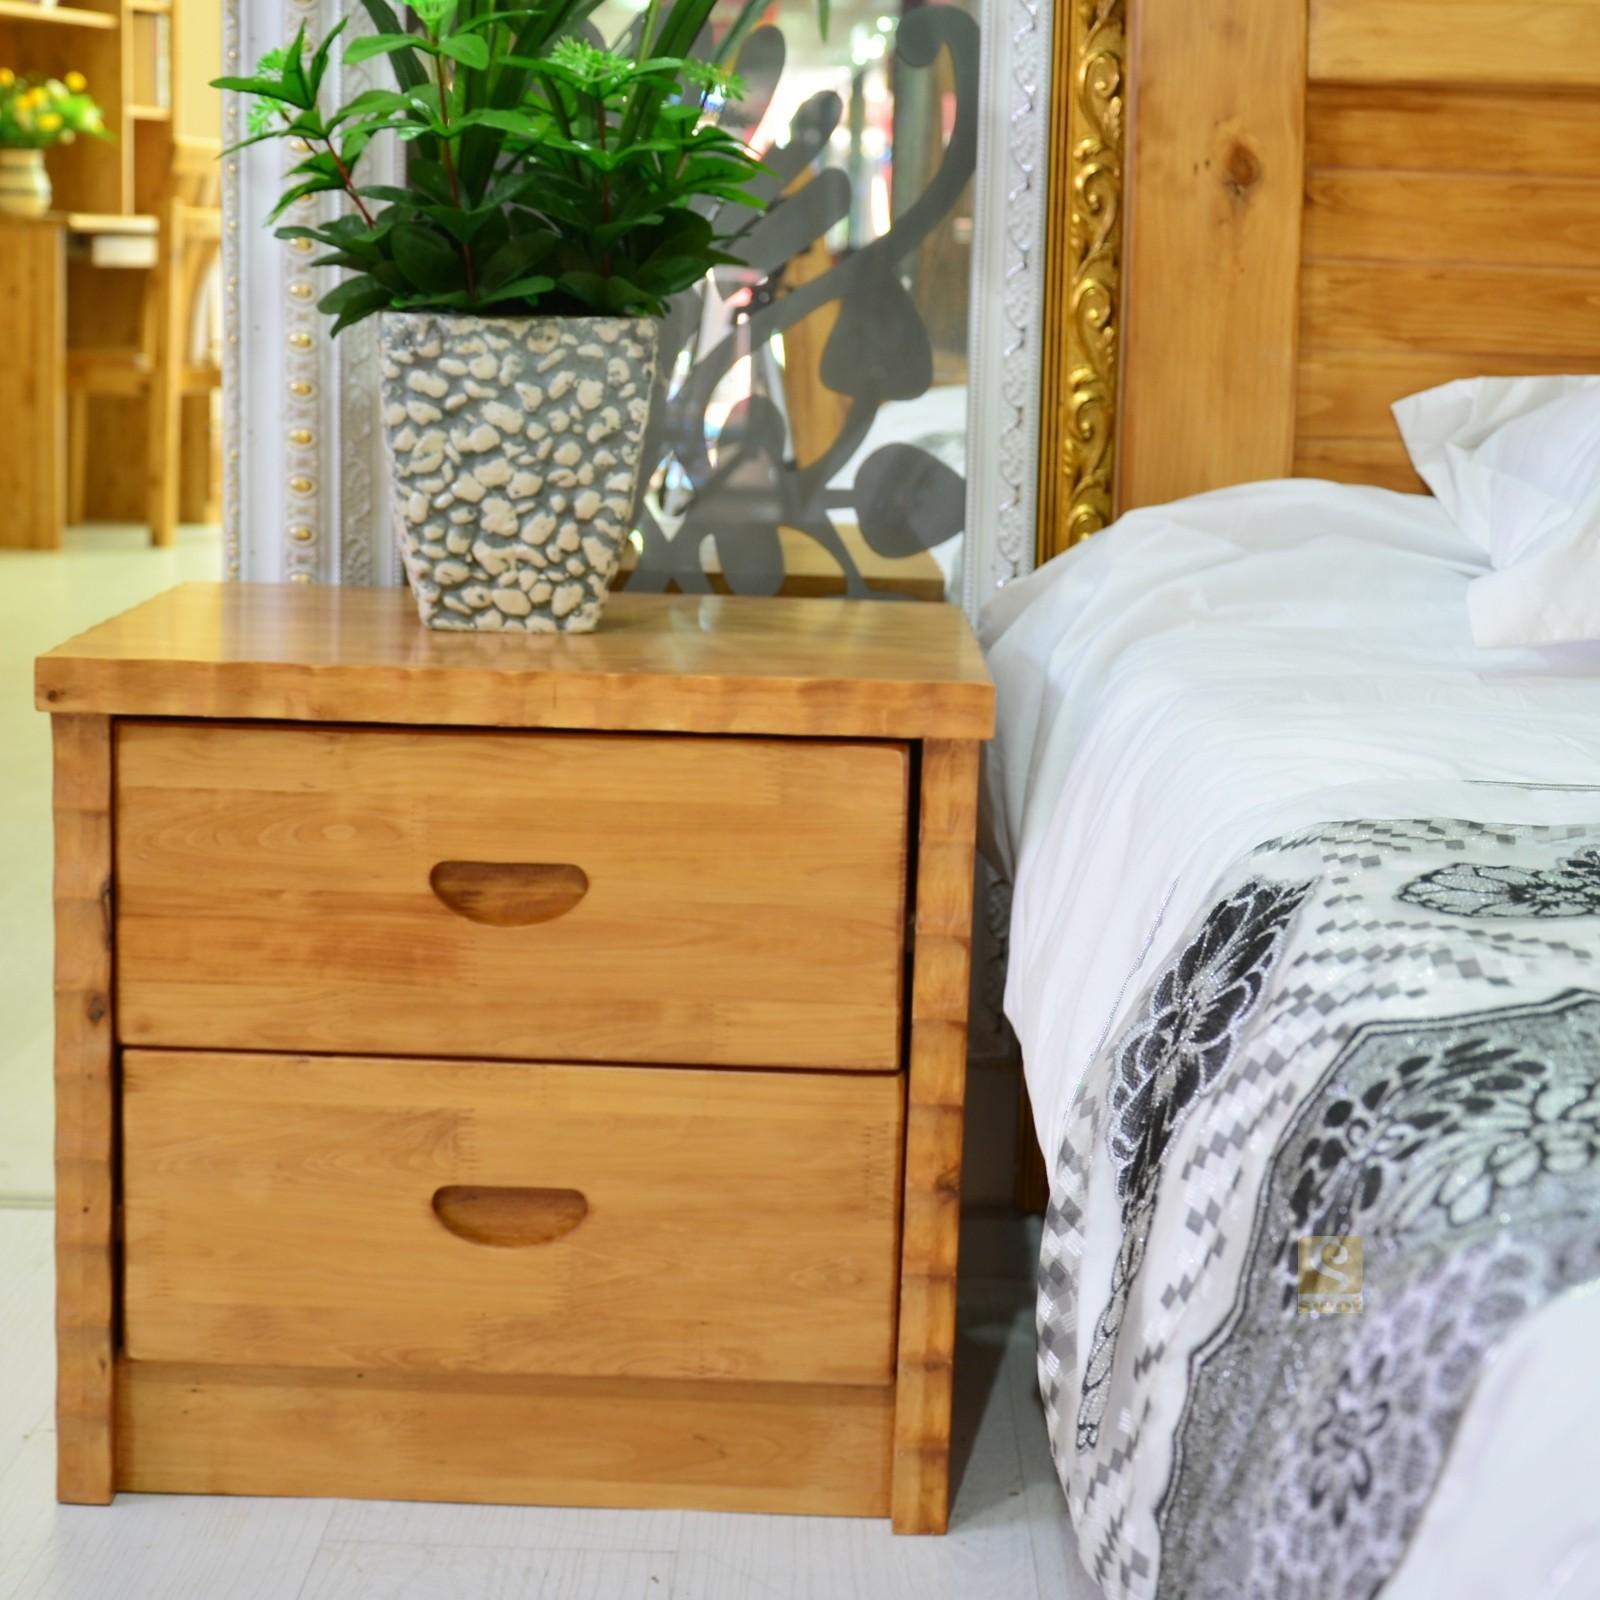 свот мебель из дерева Celine кашиваги